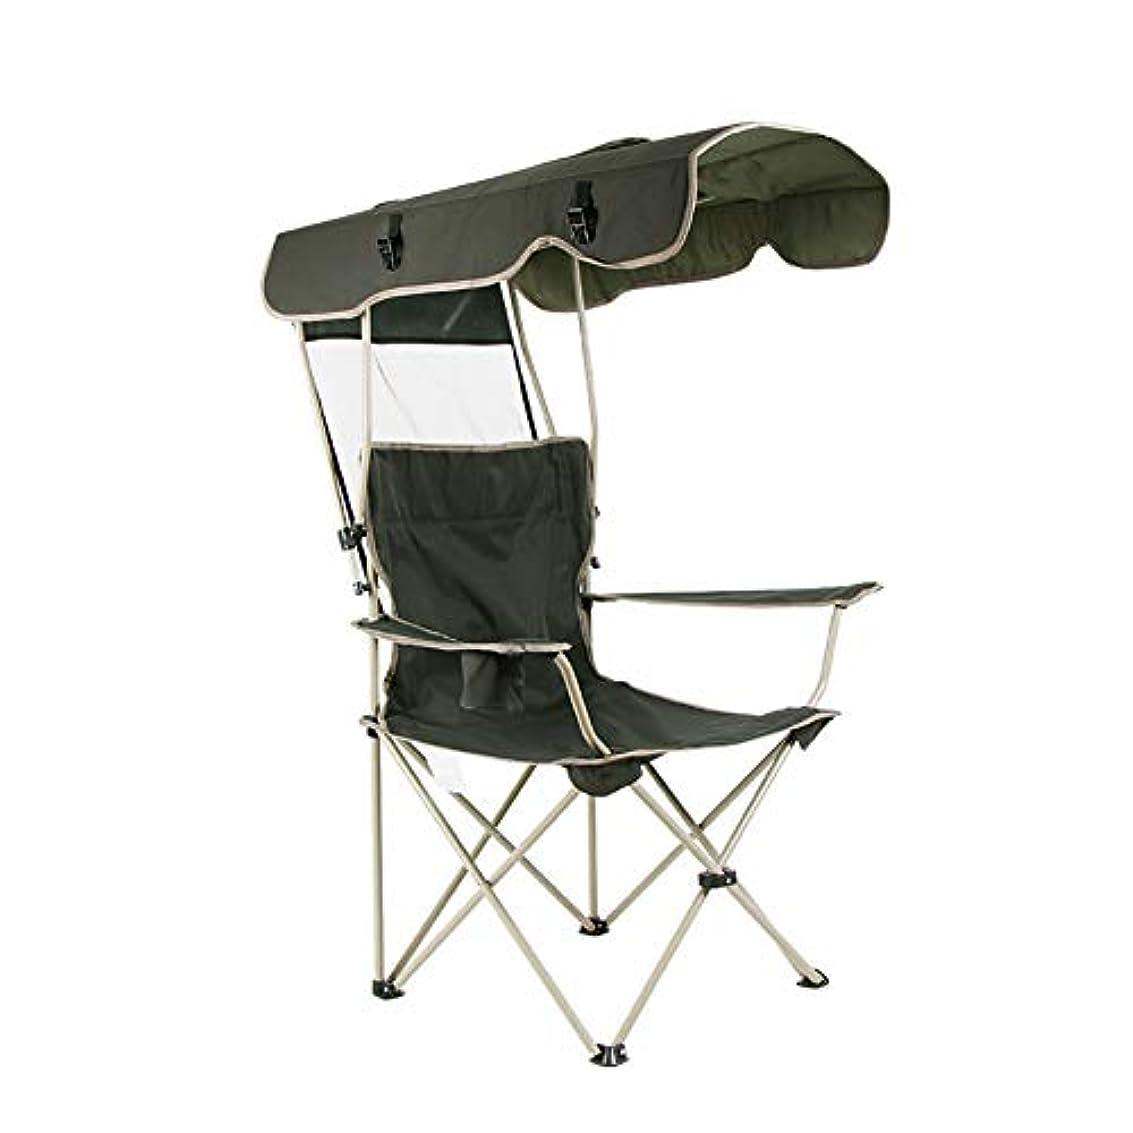 ラベ増強落ち着いて屋外折りたたみチェア - ポータブル釣り調節可能なサンシェードビーチチェア - キャンプレジャーアームチェア